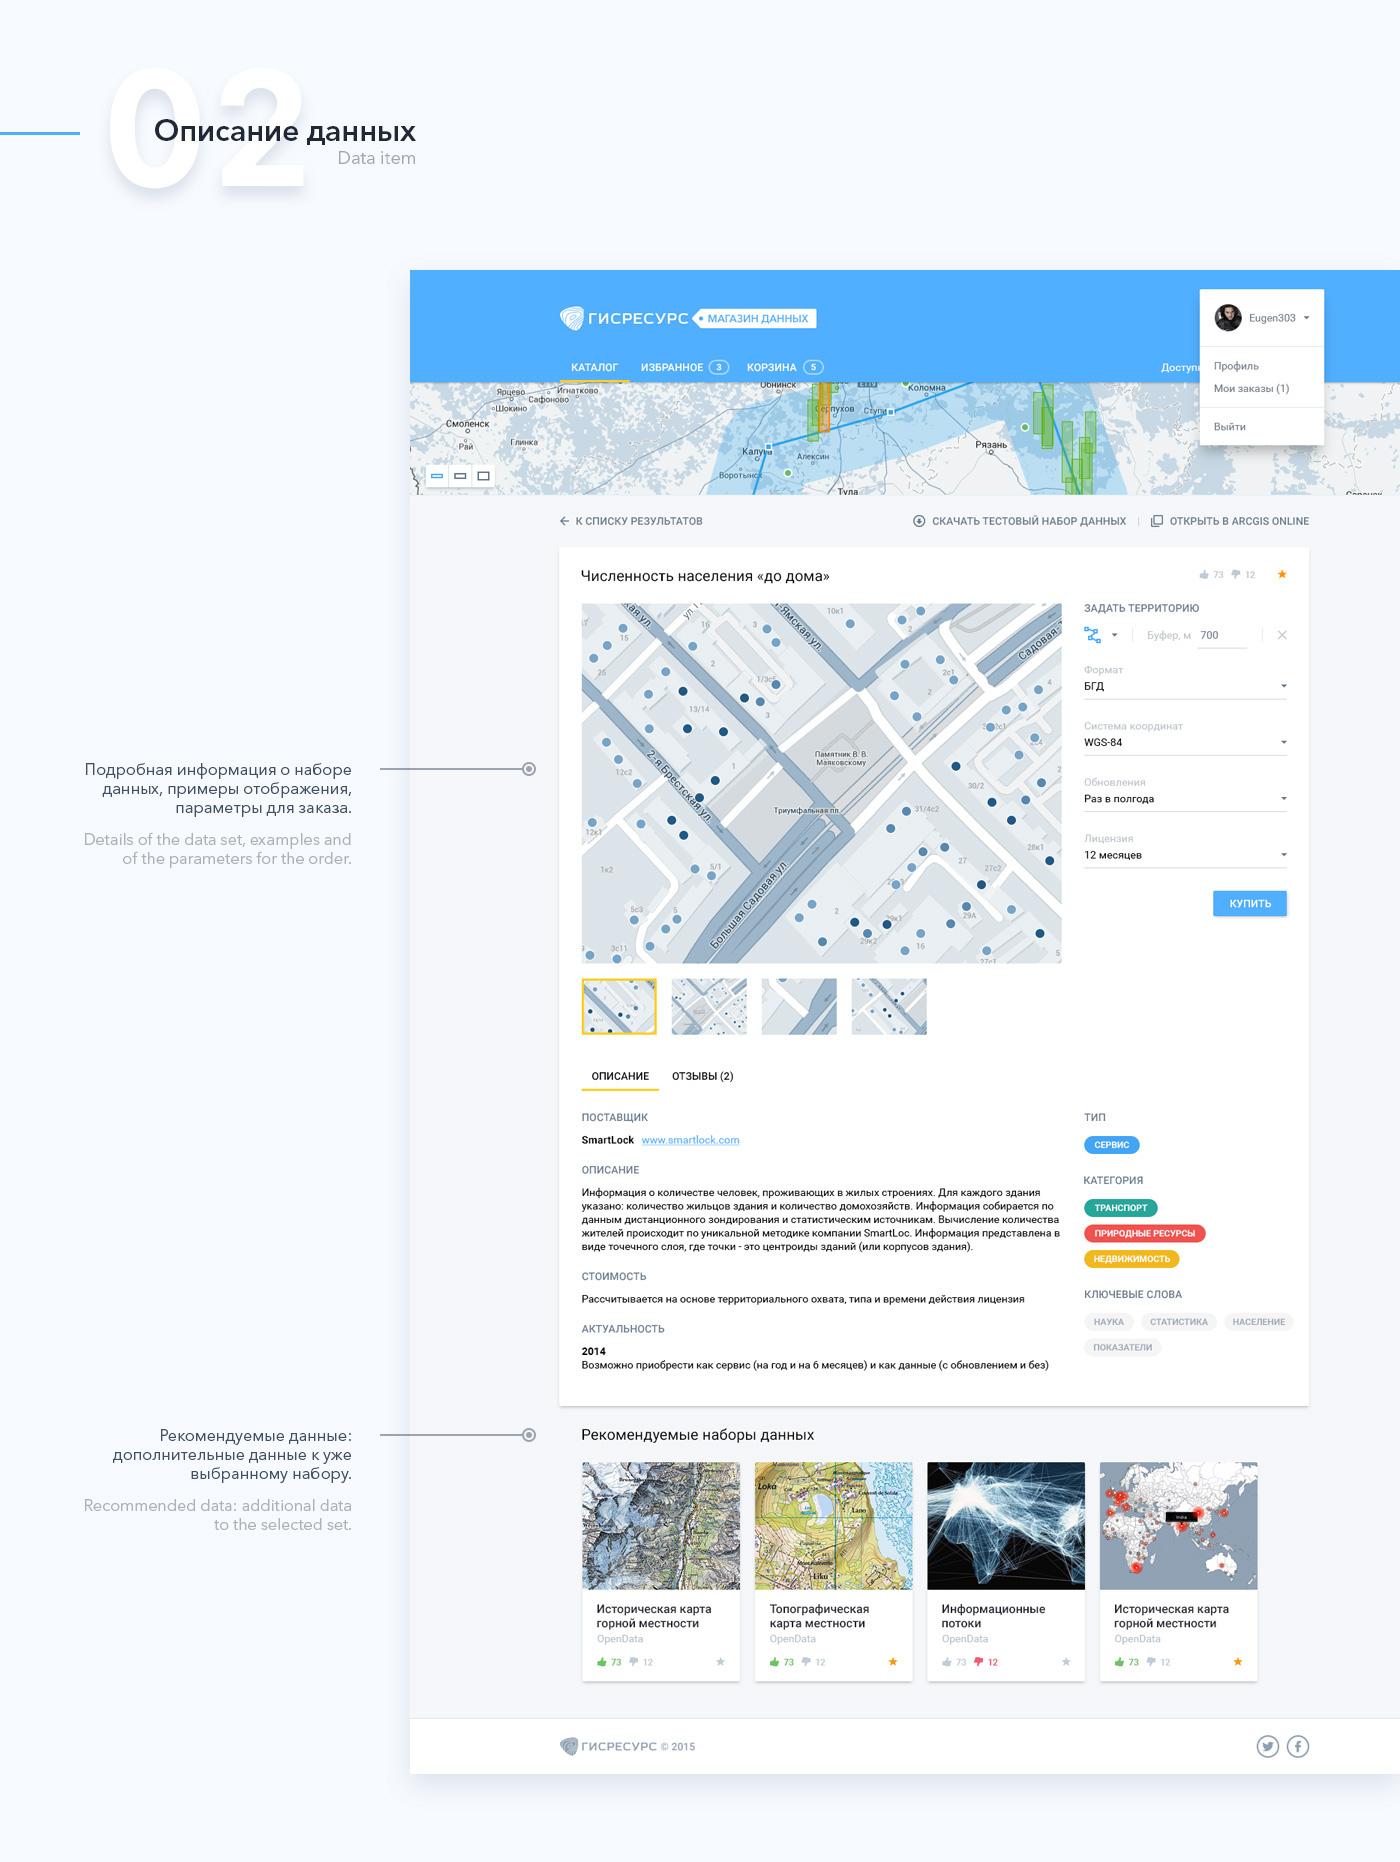 material UI ux design webapp Interface map GEO GIS spatial measures Dataset material design flat